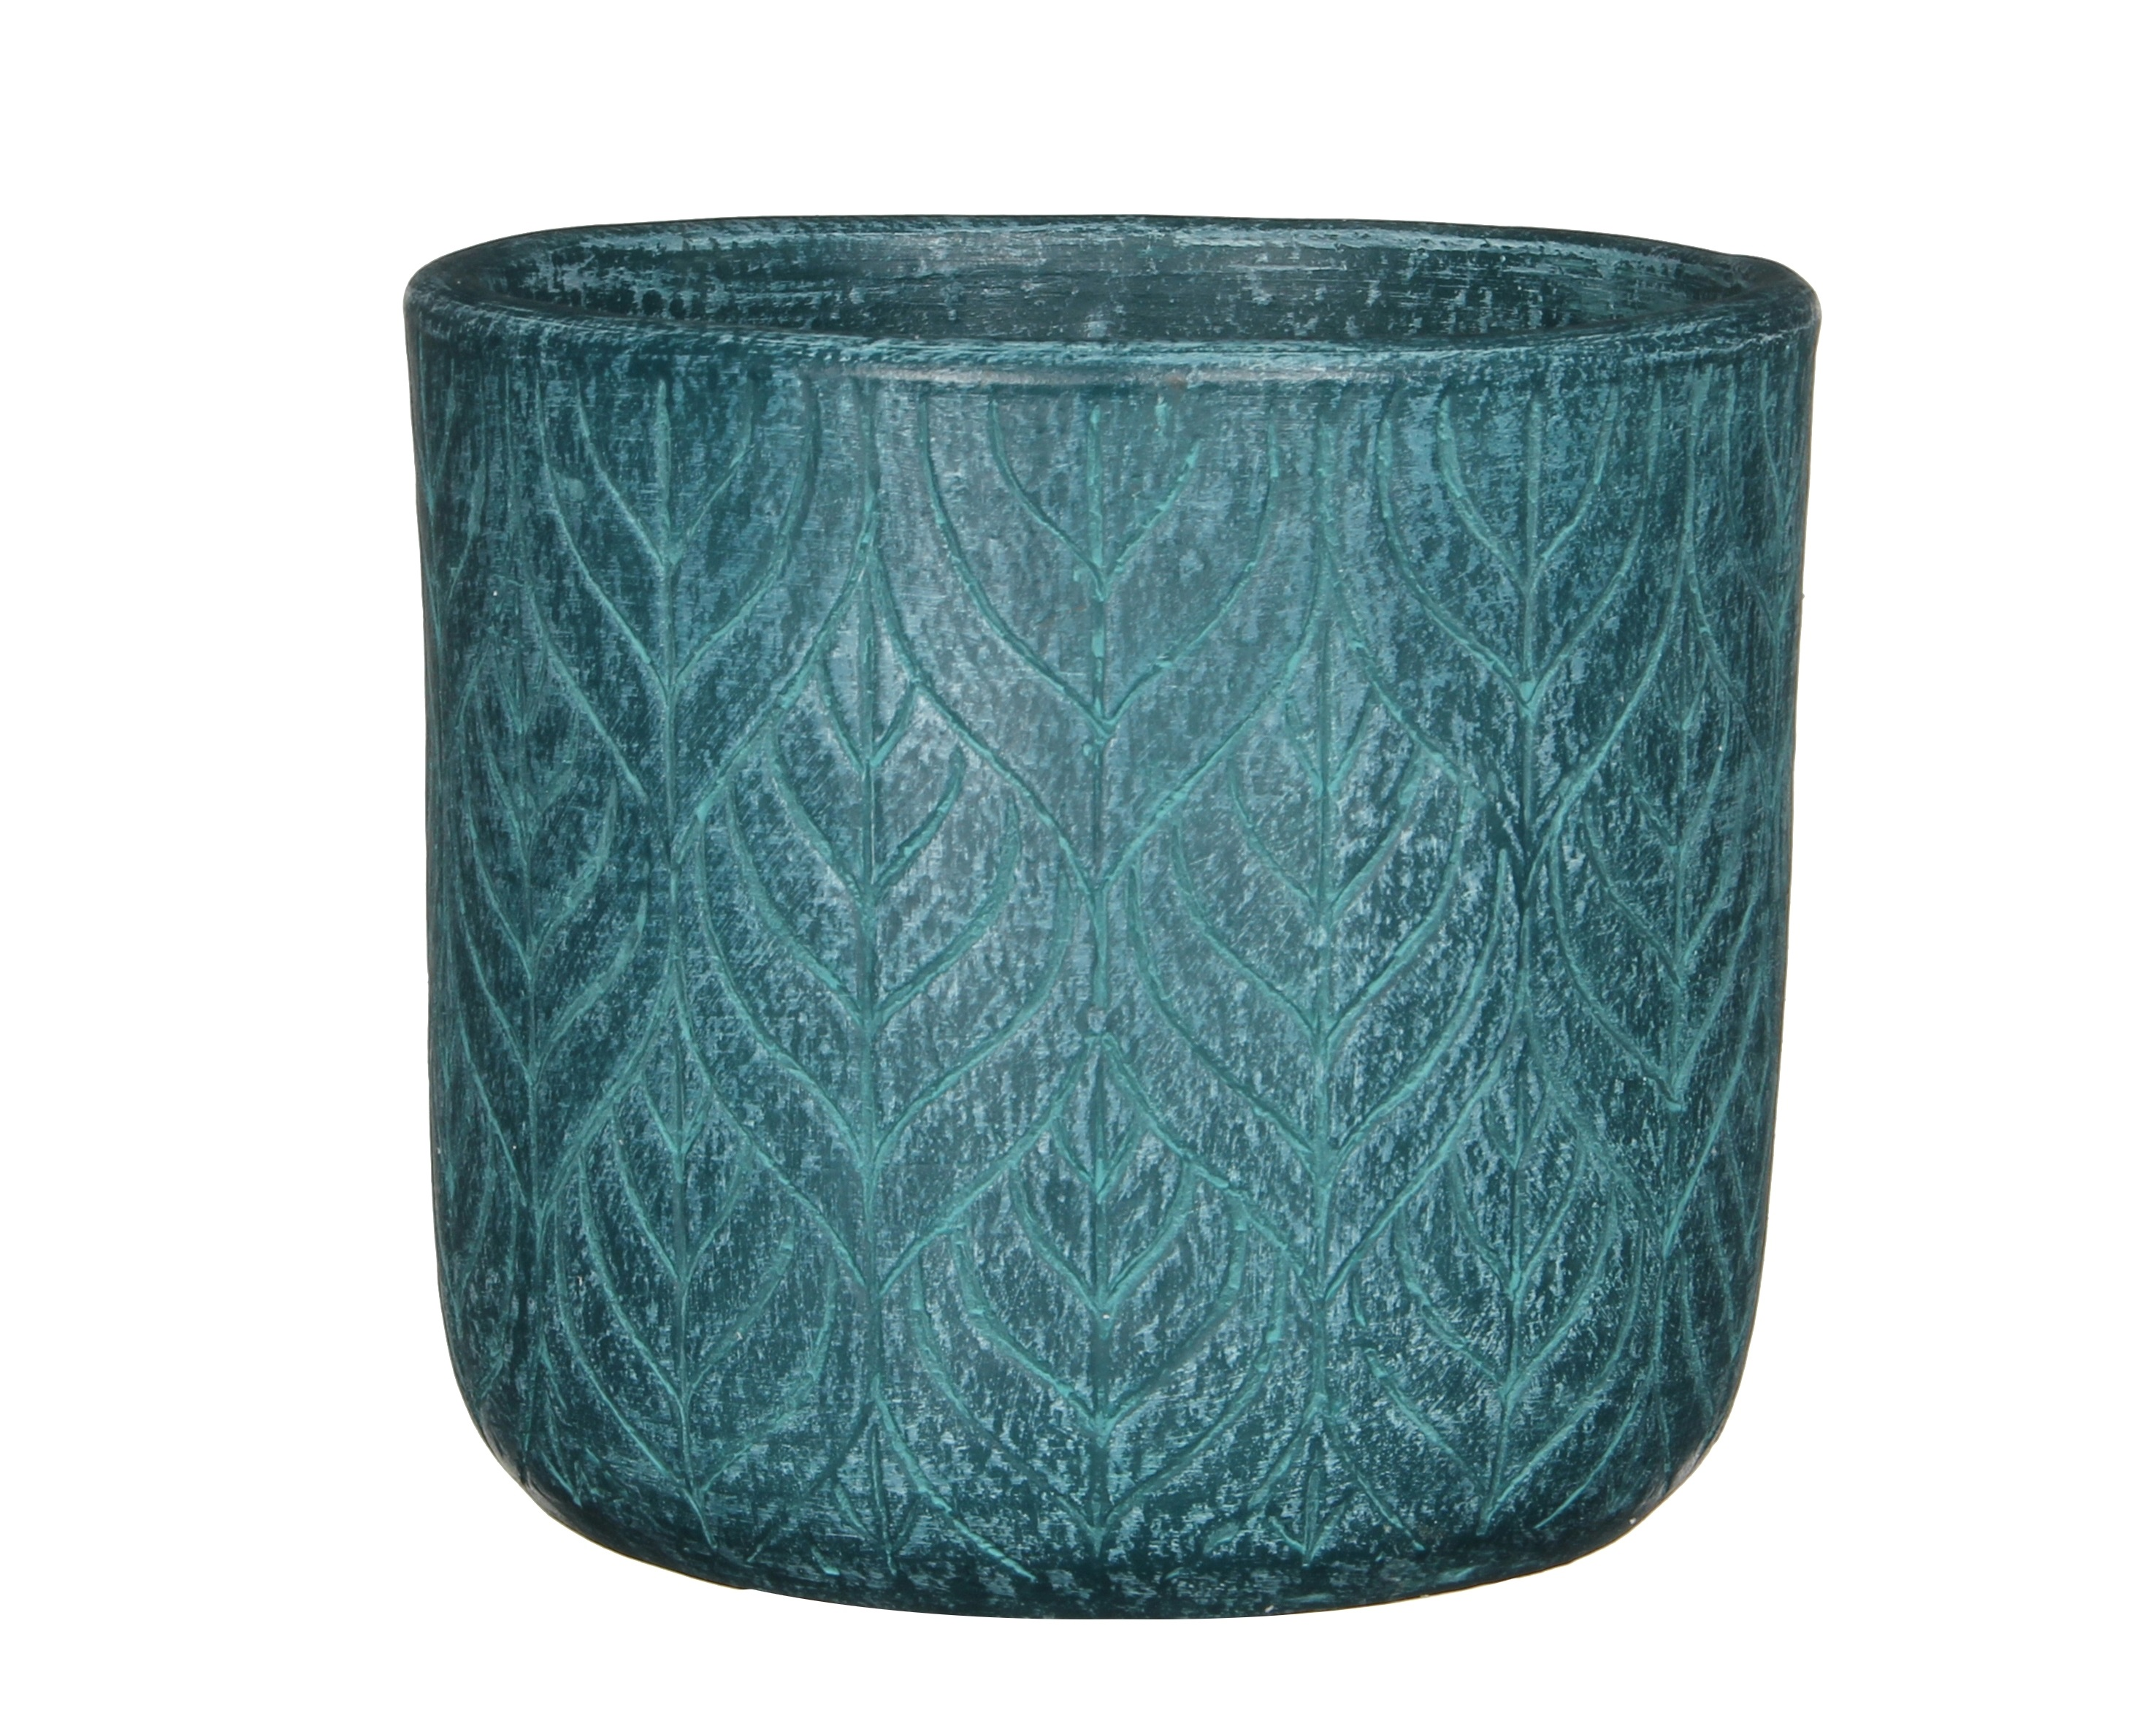 Кашпо PhiloКашпо и аксессуары для цветов<br><br><br>Material: Керамика<br>Высота см: 19.0